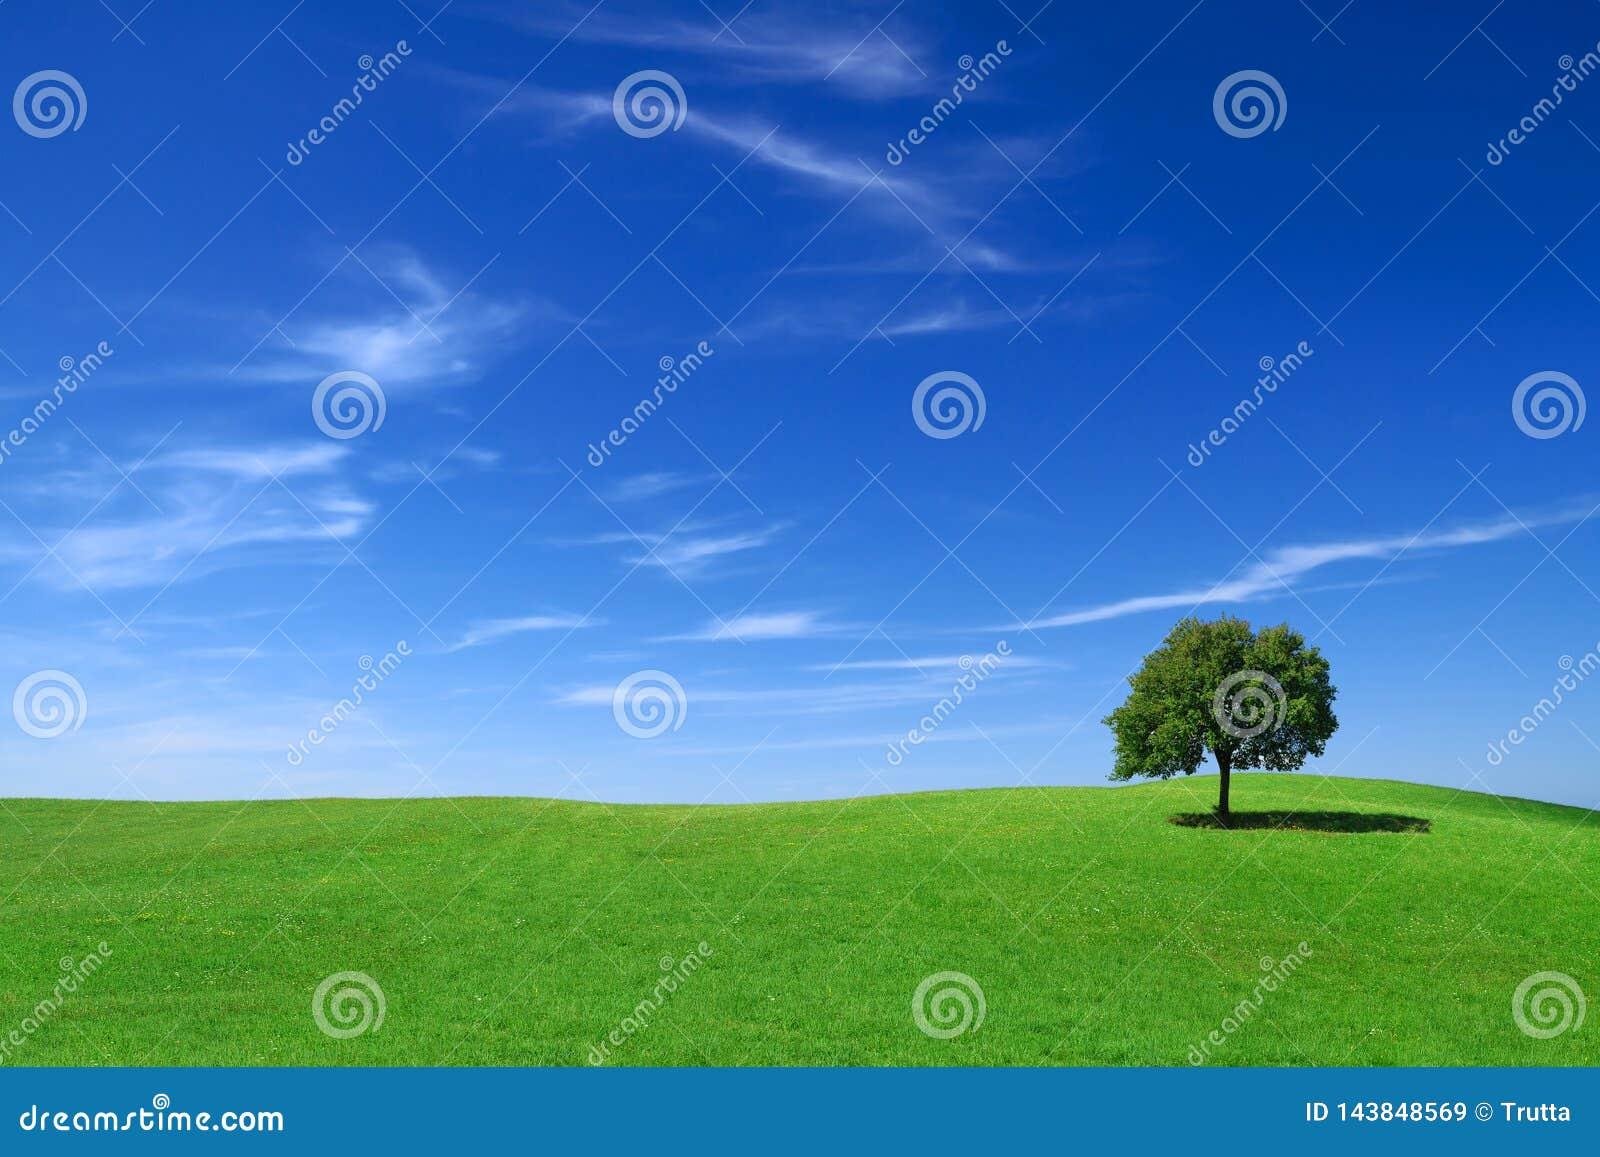 Idylliczny krajobraz, osamotniony drzewo wśród zielonych poly